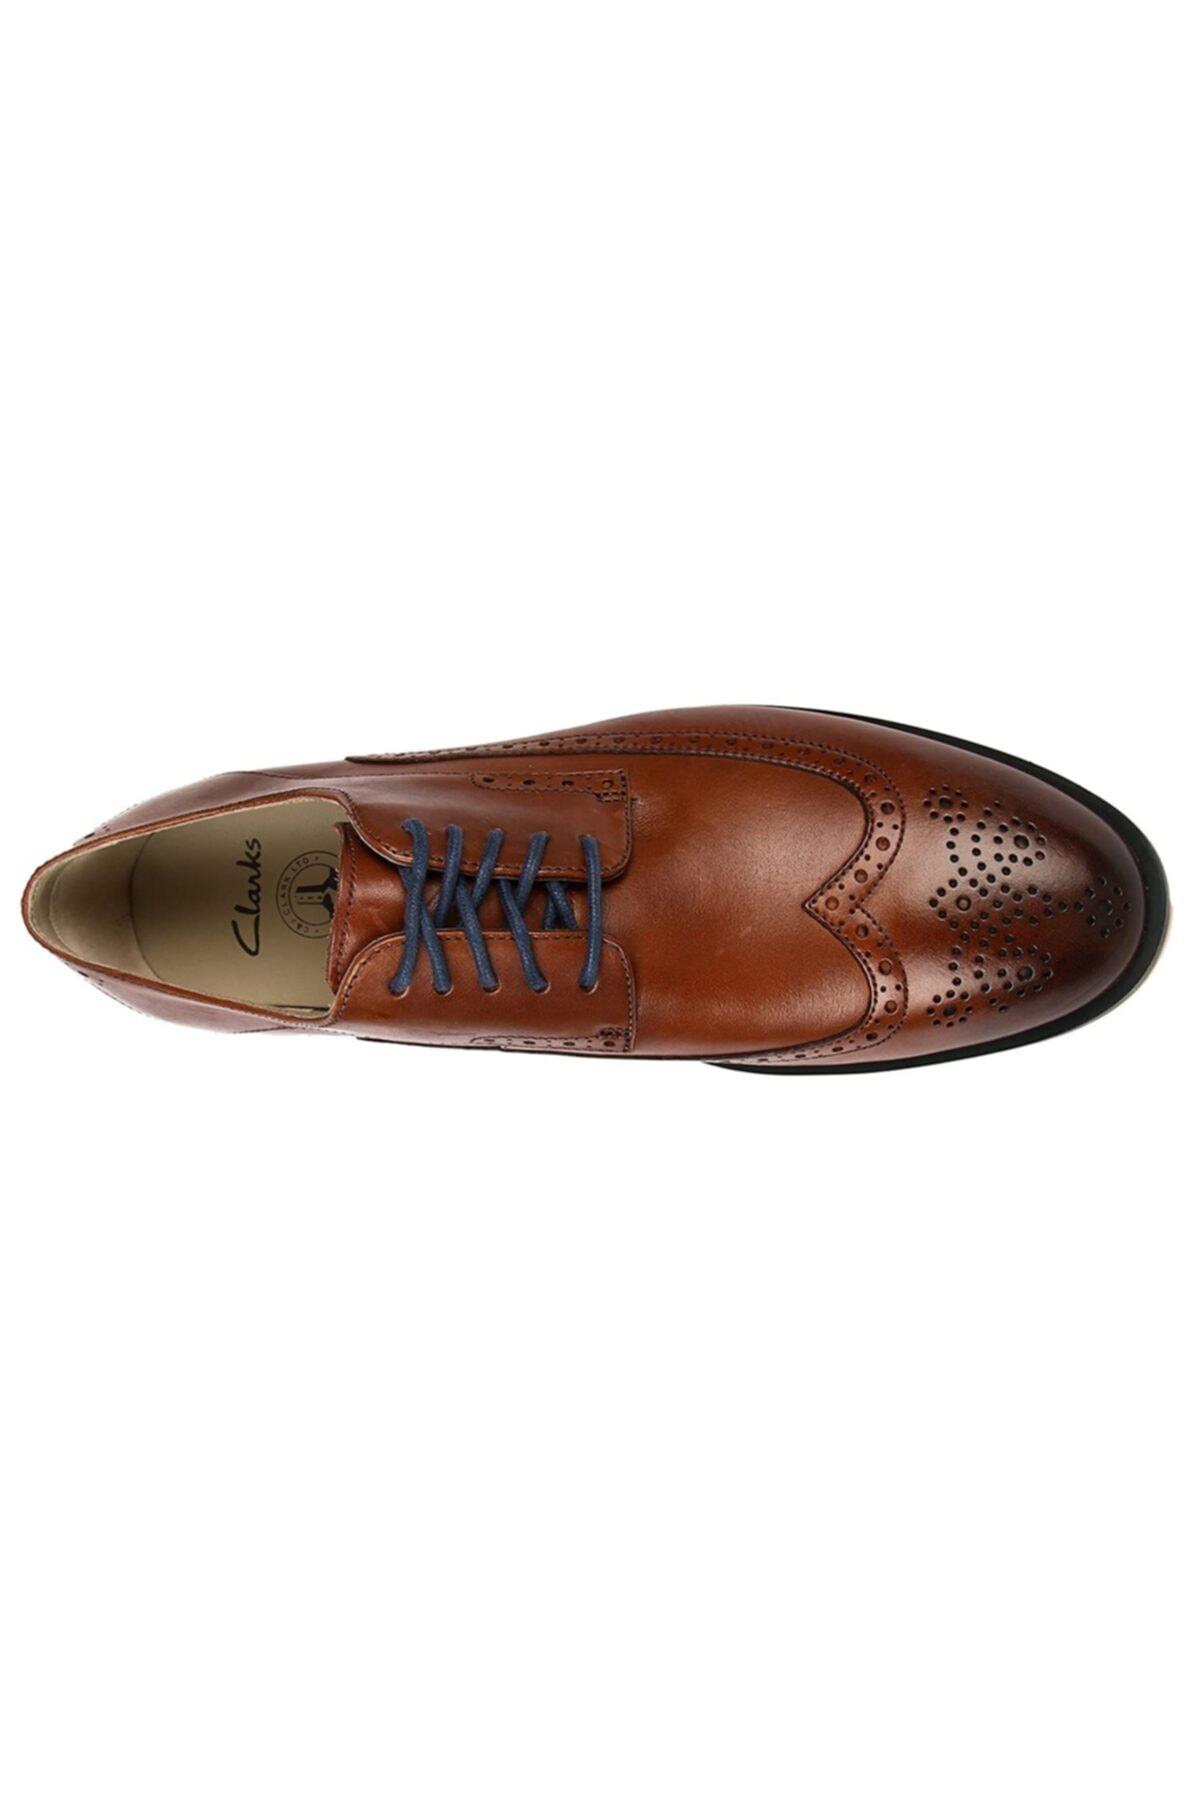 CLARKS Erkek Ayakkabı Bağcıklı Şık Rahat Gardırop Favorisi Ortholite Gatley Limit Tan 1